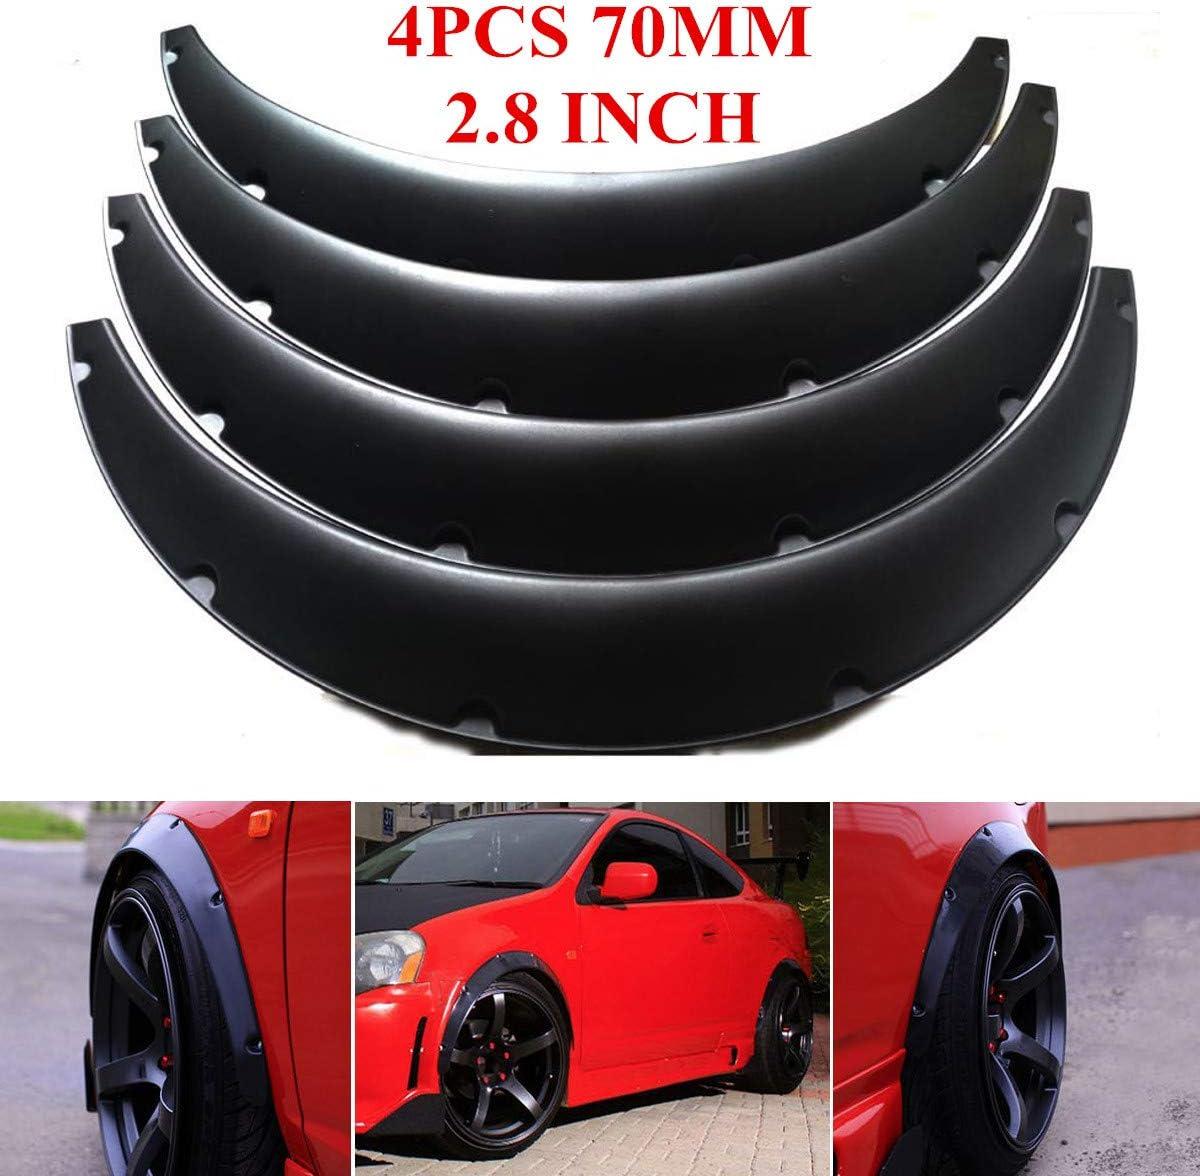 4PCS 70Mm Mud Flaps Universal Car F/ür Kotfl/ügelverbreiterungen Radlaufblende Streifen Braue Schutz Spritzschutz JKBDNB Universal-Fender